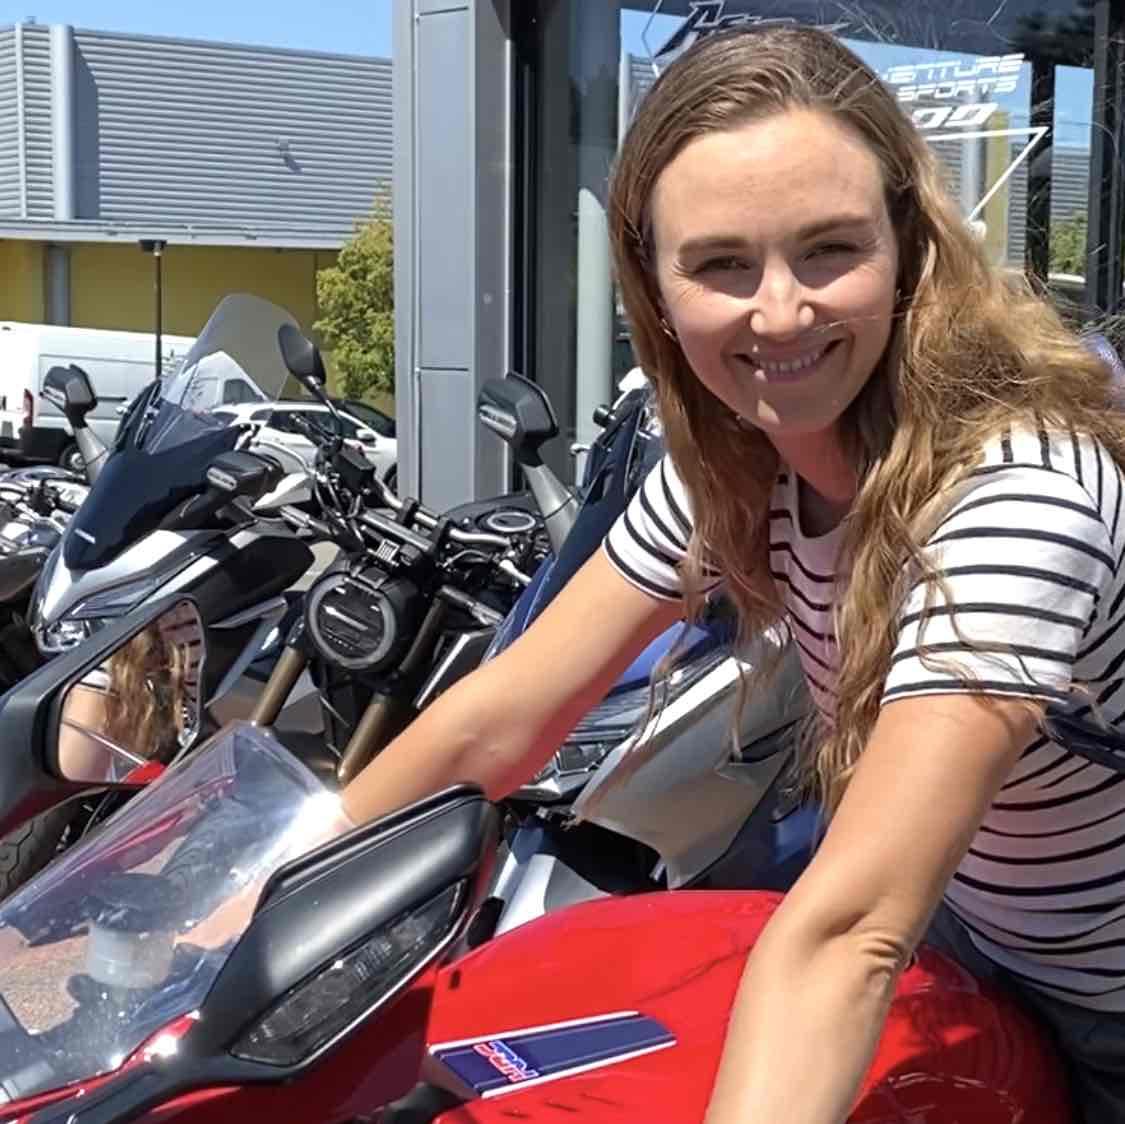 Une femme sur une moto rouge